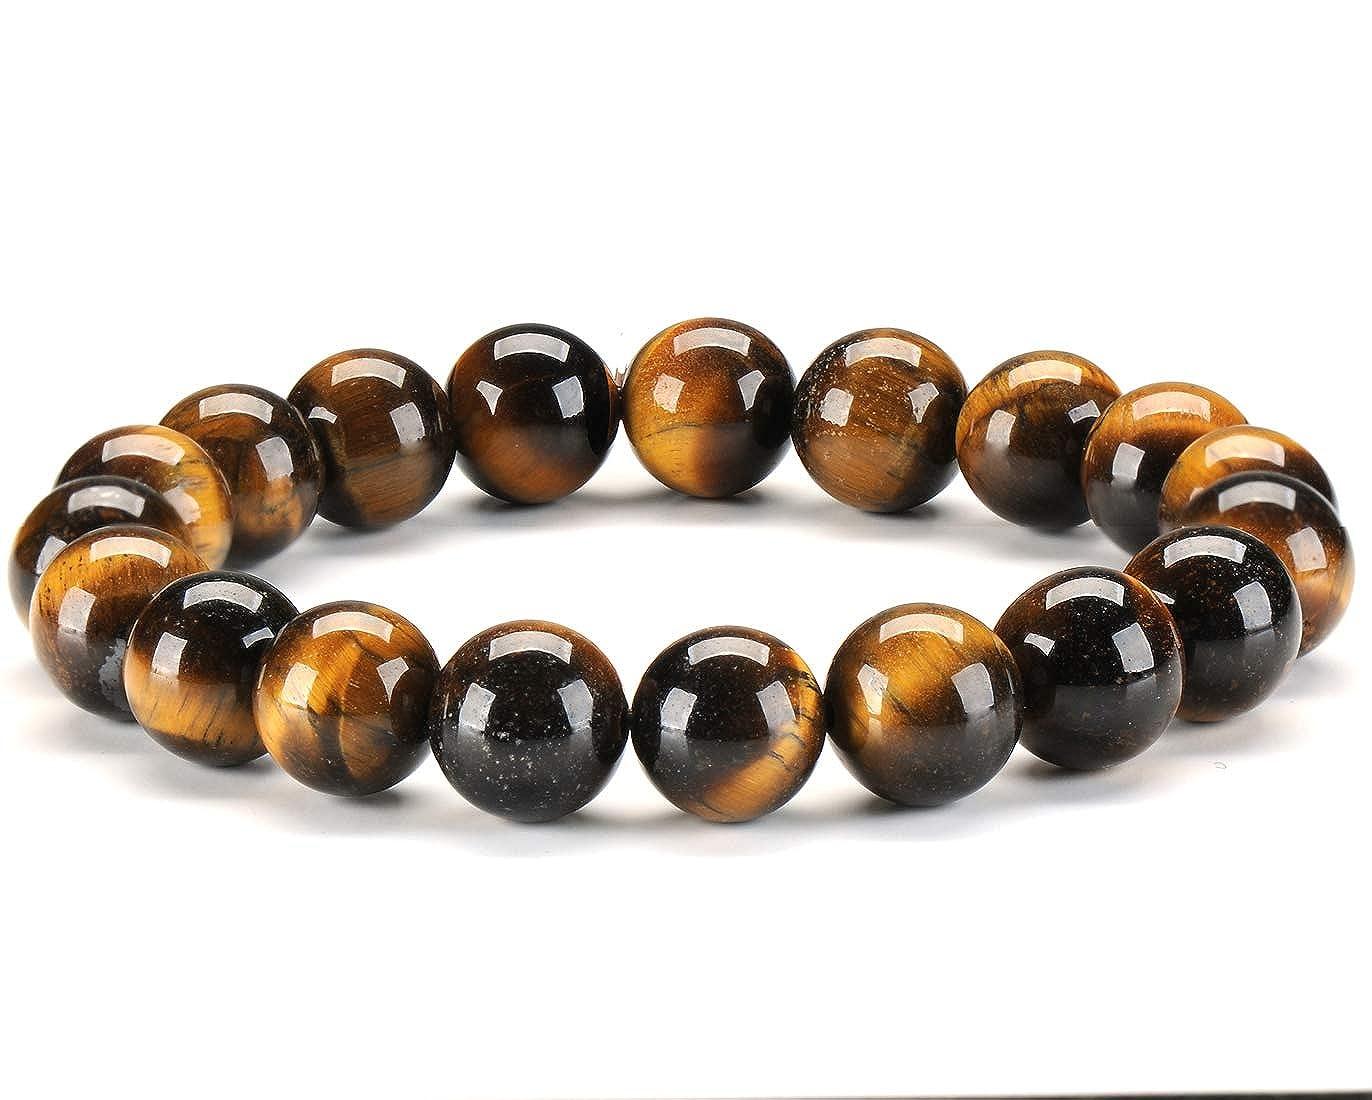 Senlinmu Bracelet en Pierre Naturelle Oeil de Tigre 10mm Fait Main Gemstone Yoga Perl/é Gu/érison /Énergie Bracelet pour Hommes et Femmes